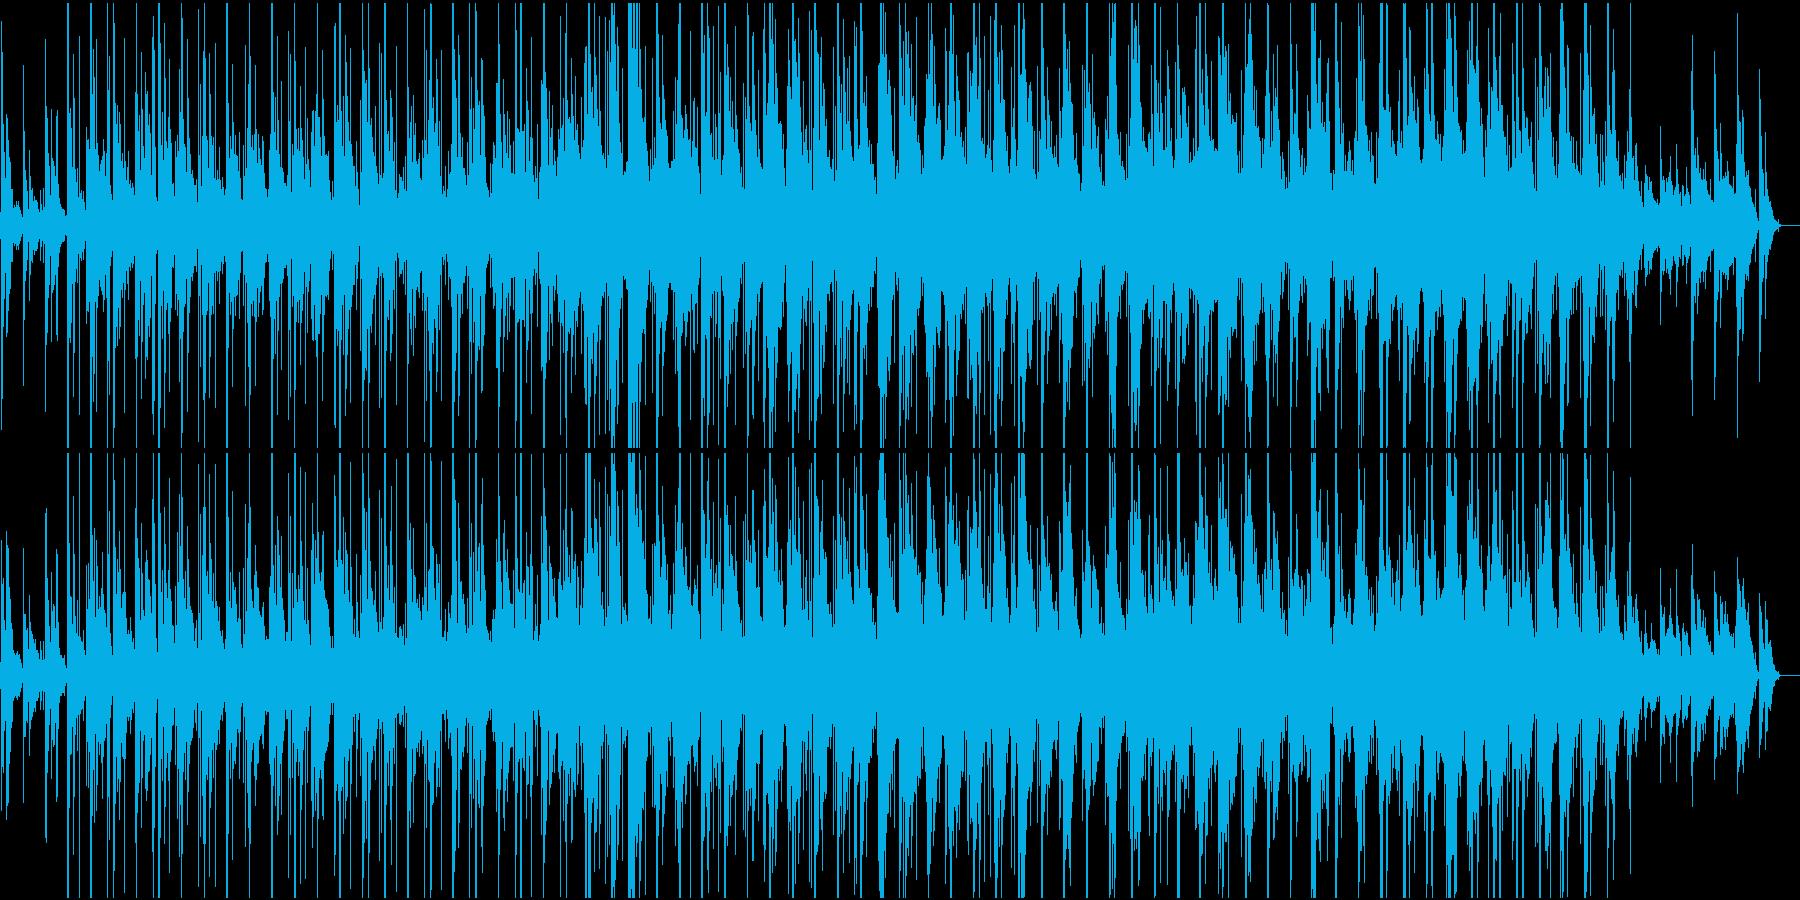 ACROSS THE RIVERの再生済みの波形